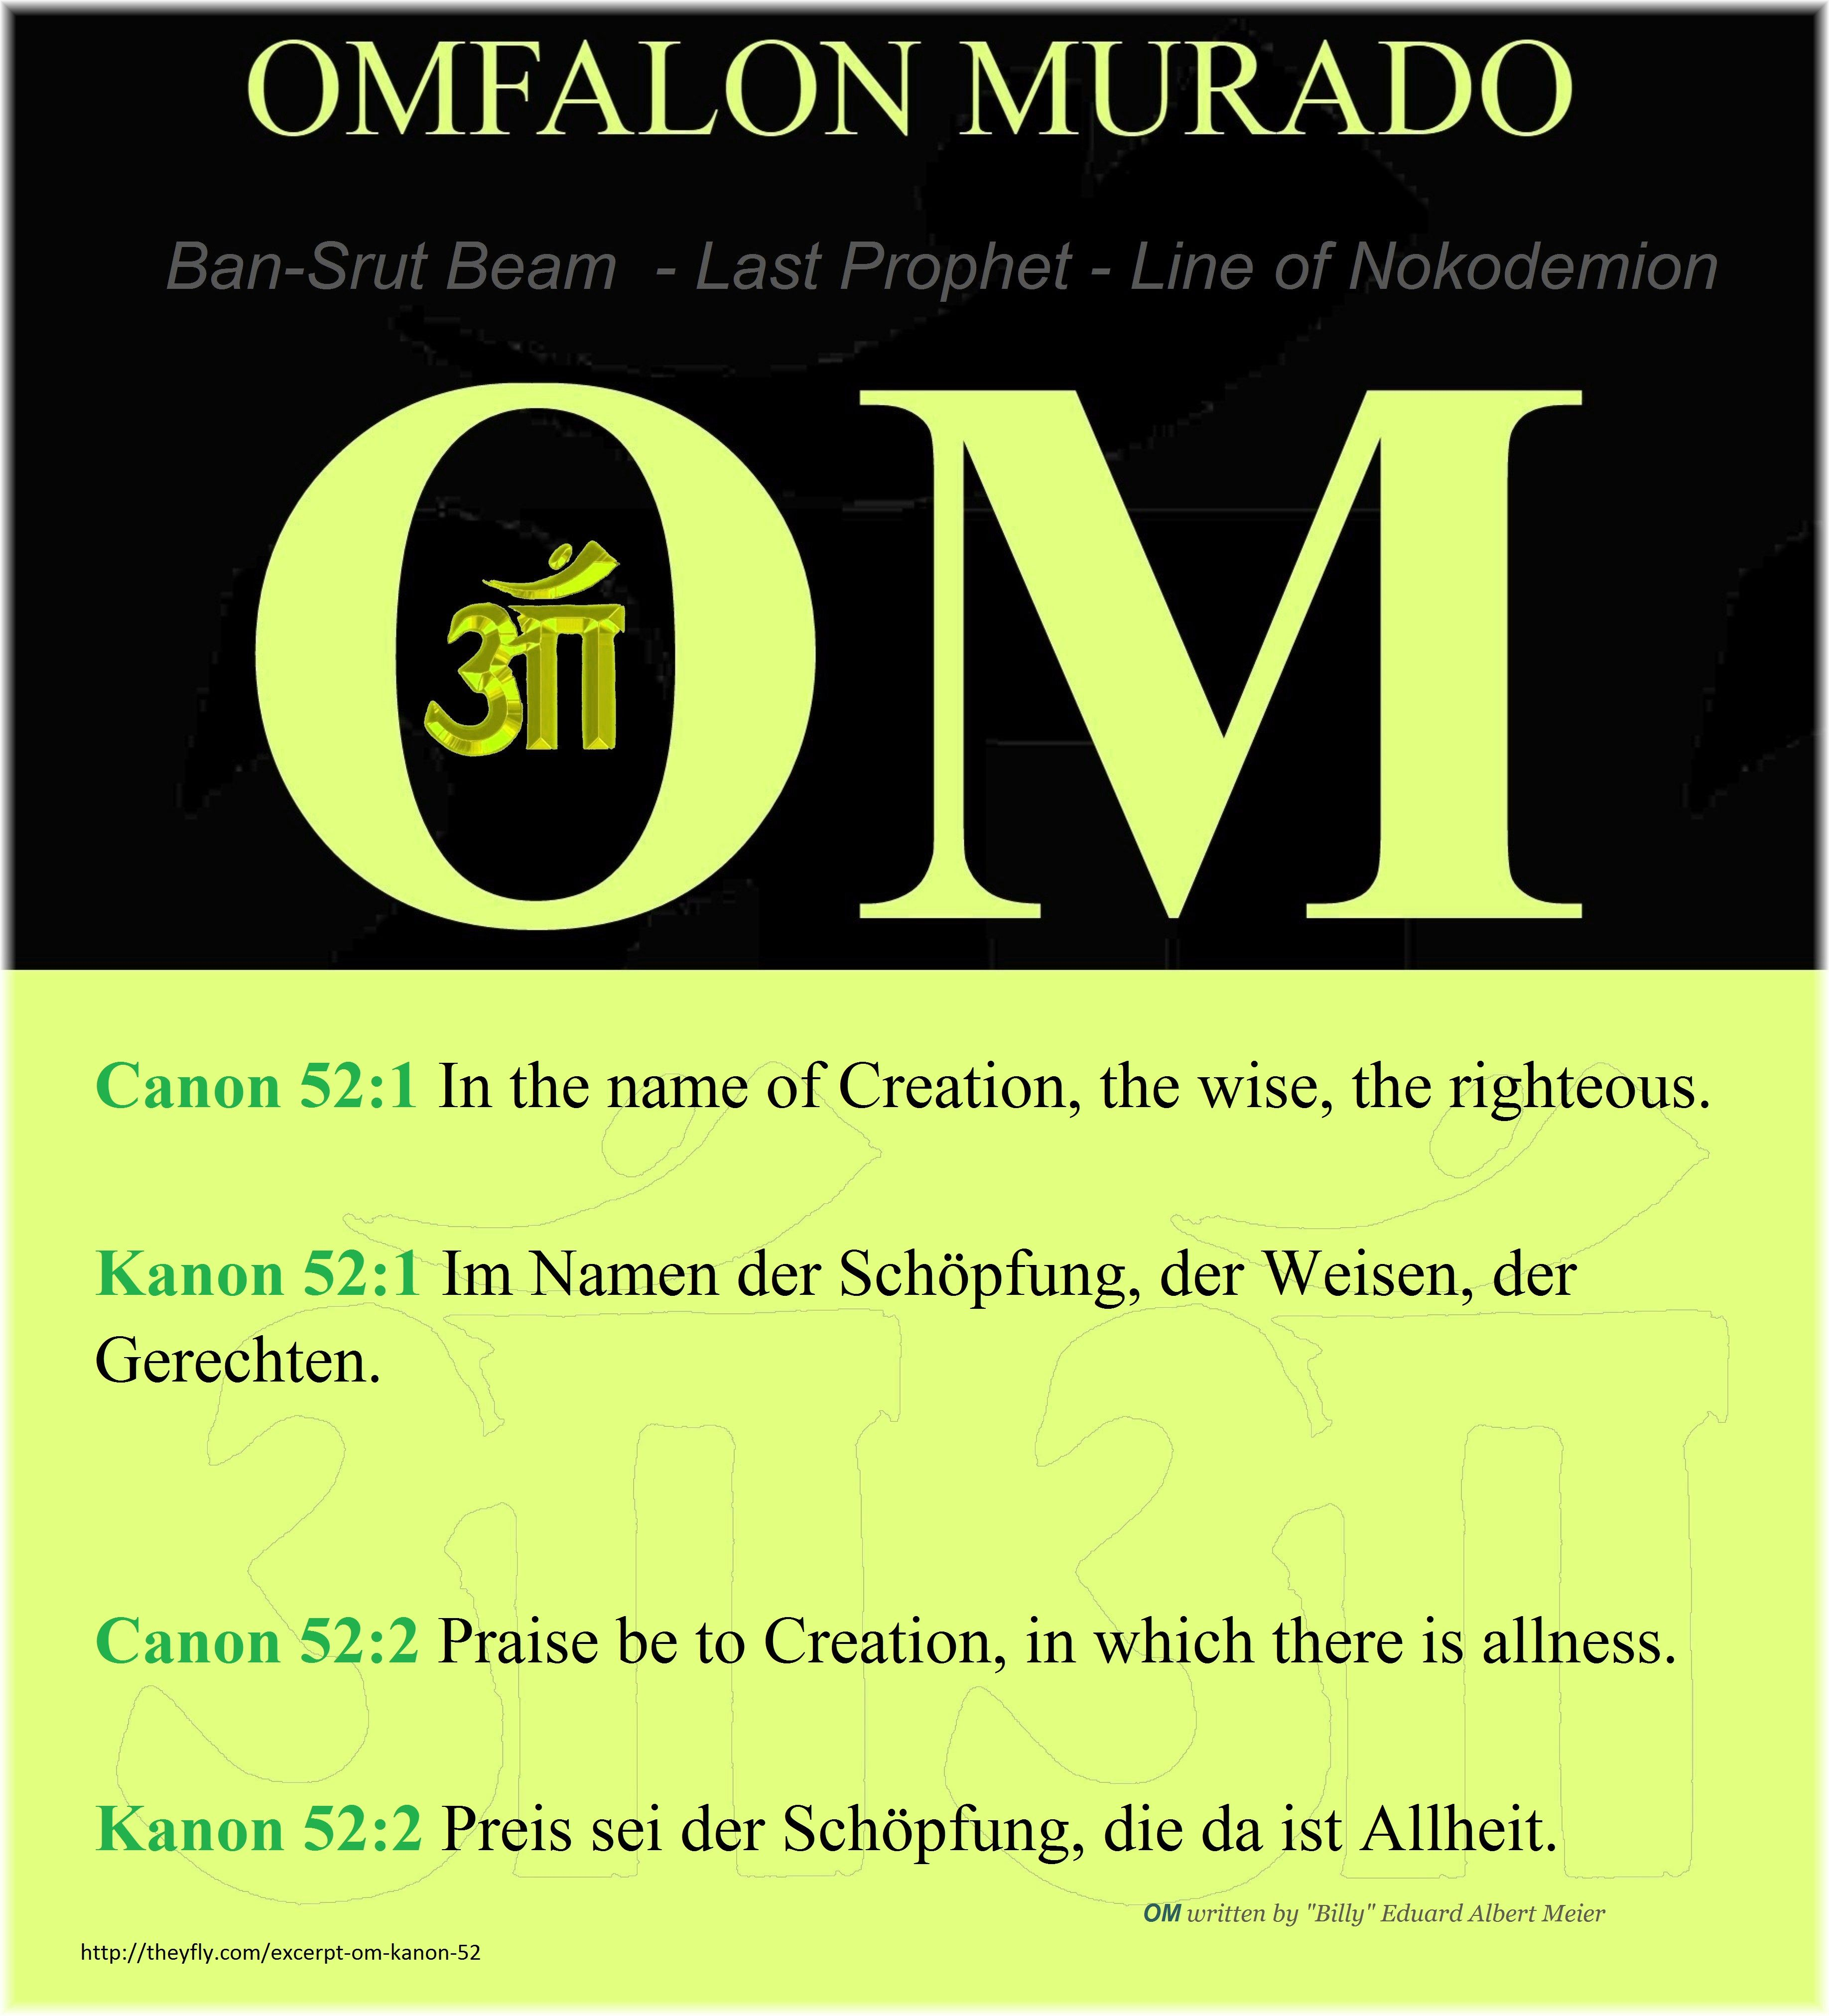 """Canon 52:1 In the name of Creation, the wise, the righteous.  Kanon 52:1 Im Namen der Schöpfung, der Weisen, der Gerechten.  Canon 52:2 Praise be to Creation, in which there is allness.  Kanon 52:2 Preis sei der Schöpfung, die da ist Allheit.  OM written by """"Billy"""" Eduard Albert Meier  http://theyfly.com/excerpt-om-kanon-52  Ban-Srut Beam  - Last Prophet - Lineage of Nokodemion"""